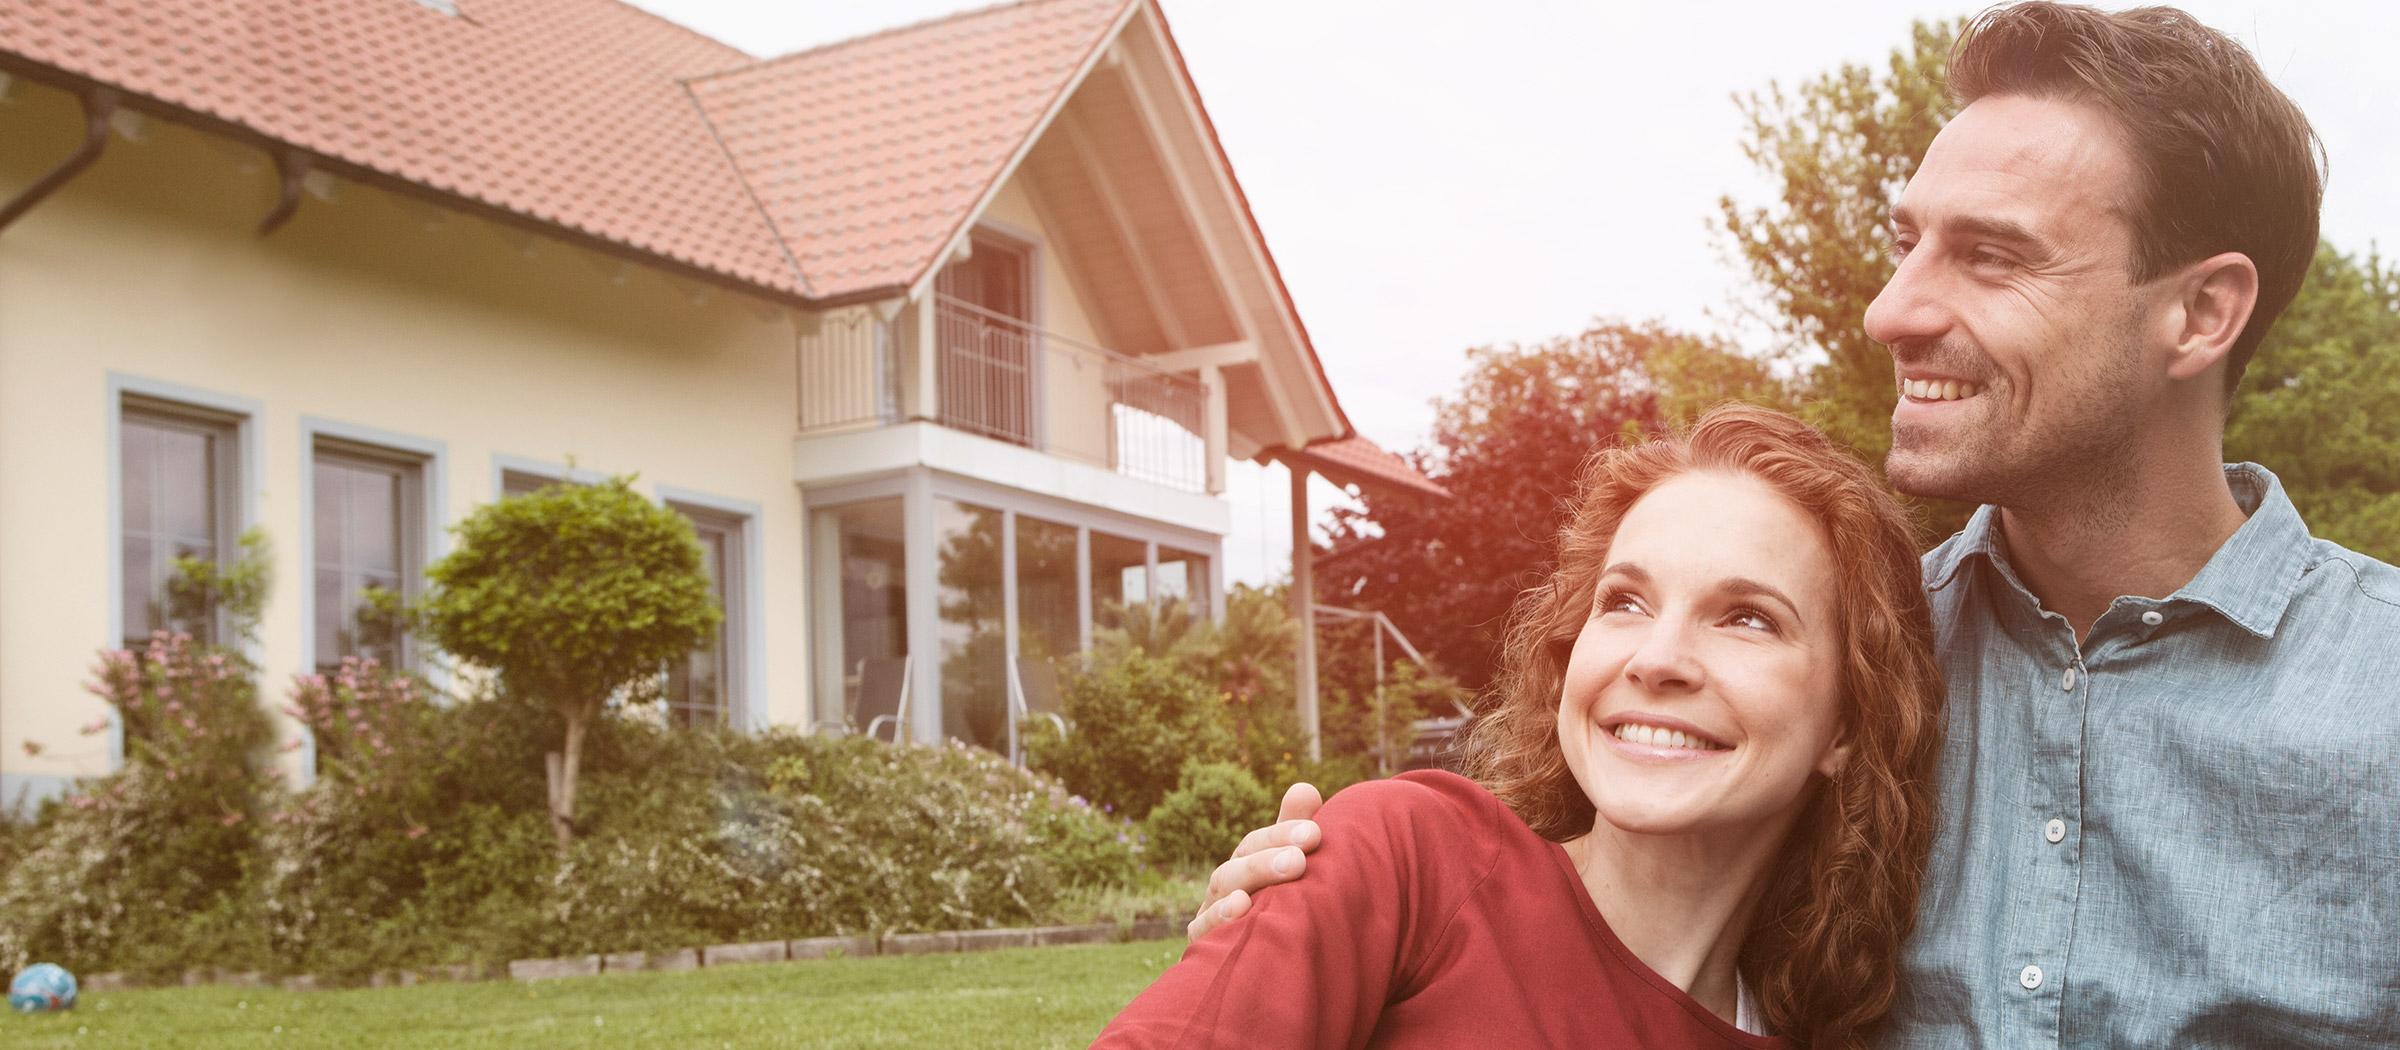 Immobilienverkauf – mit oder ohne Makler?